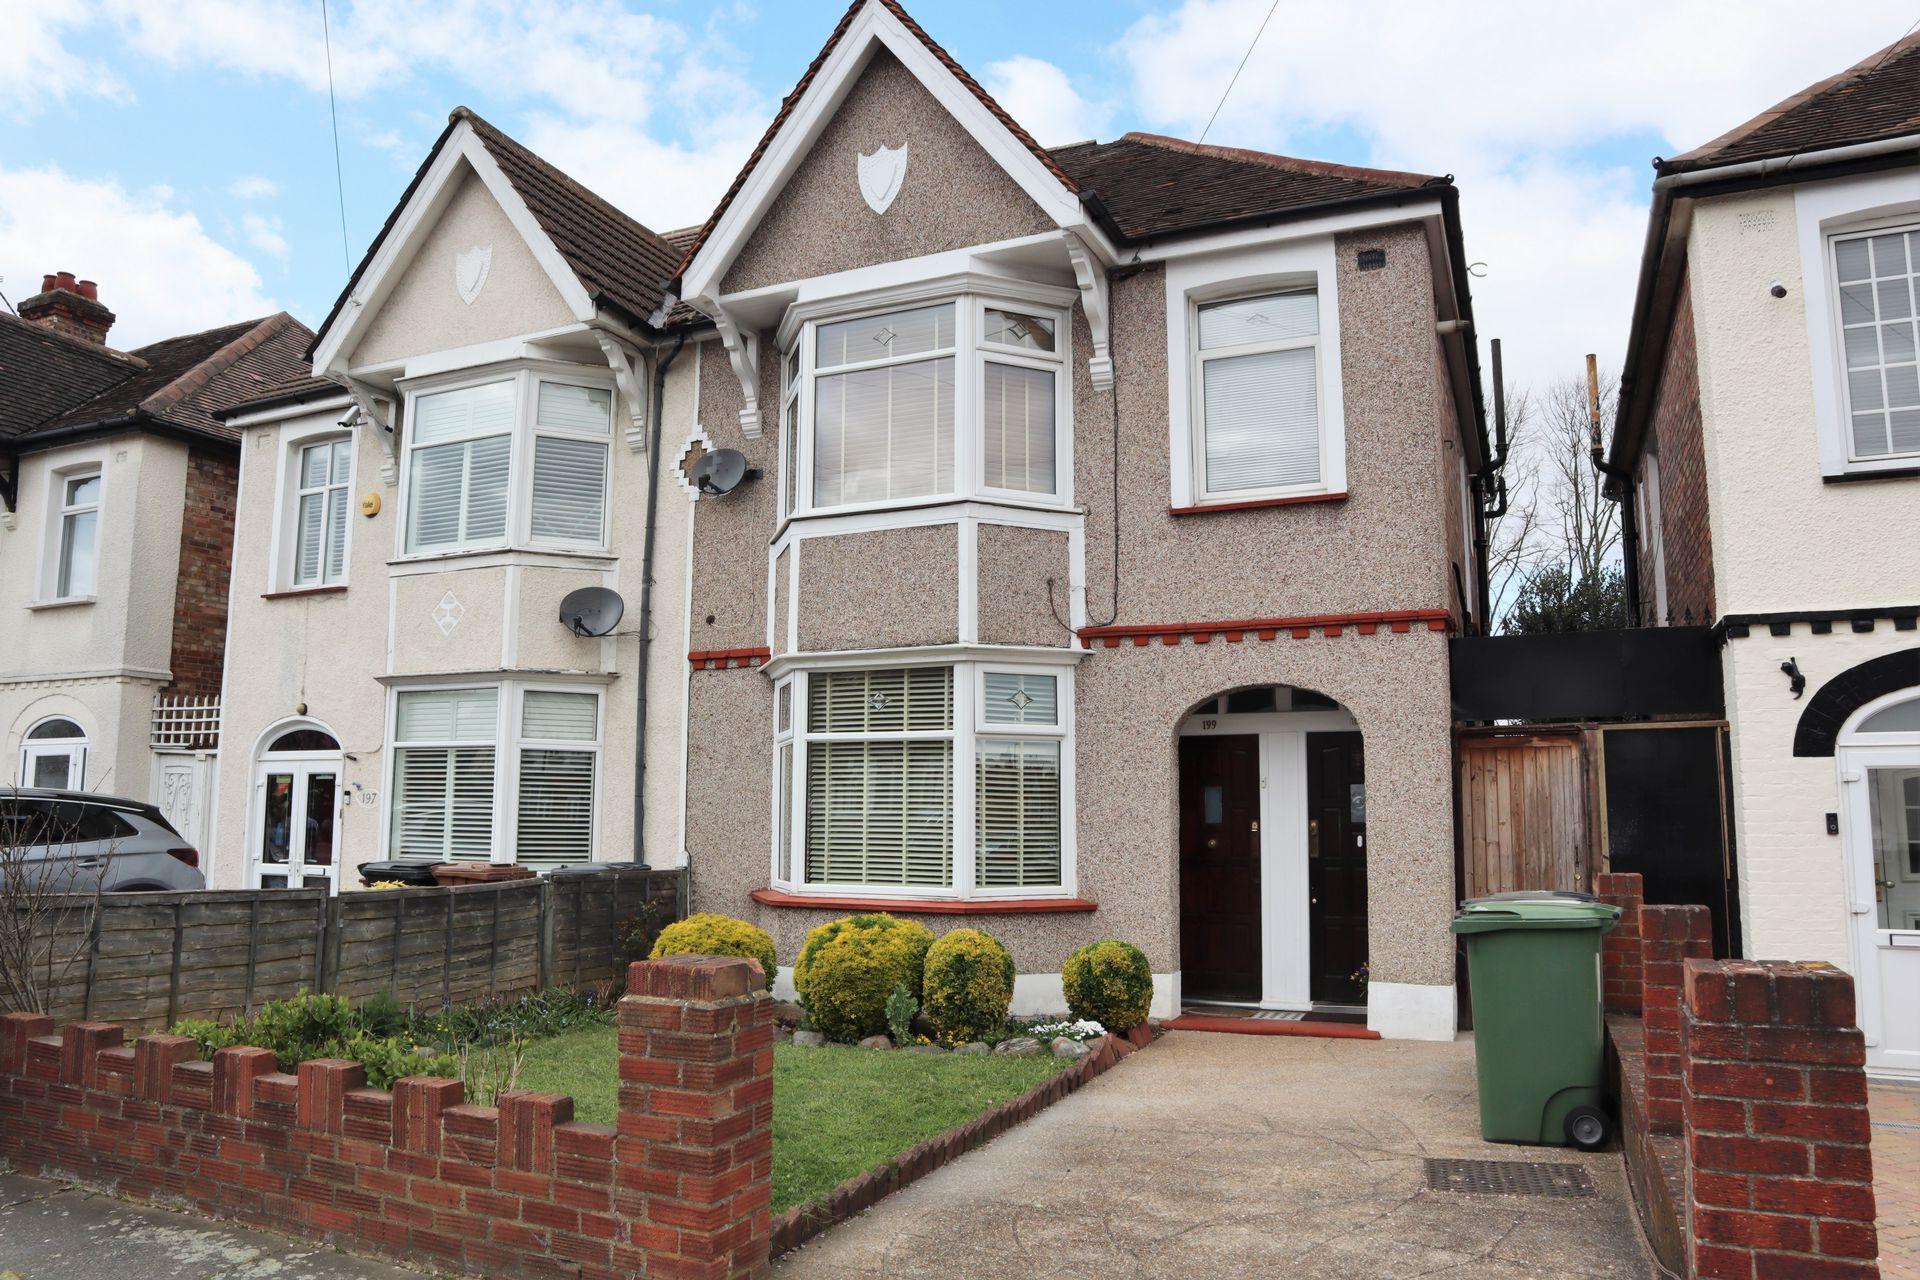 Bellingham Road  Catford  SE6